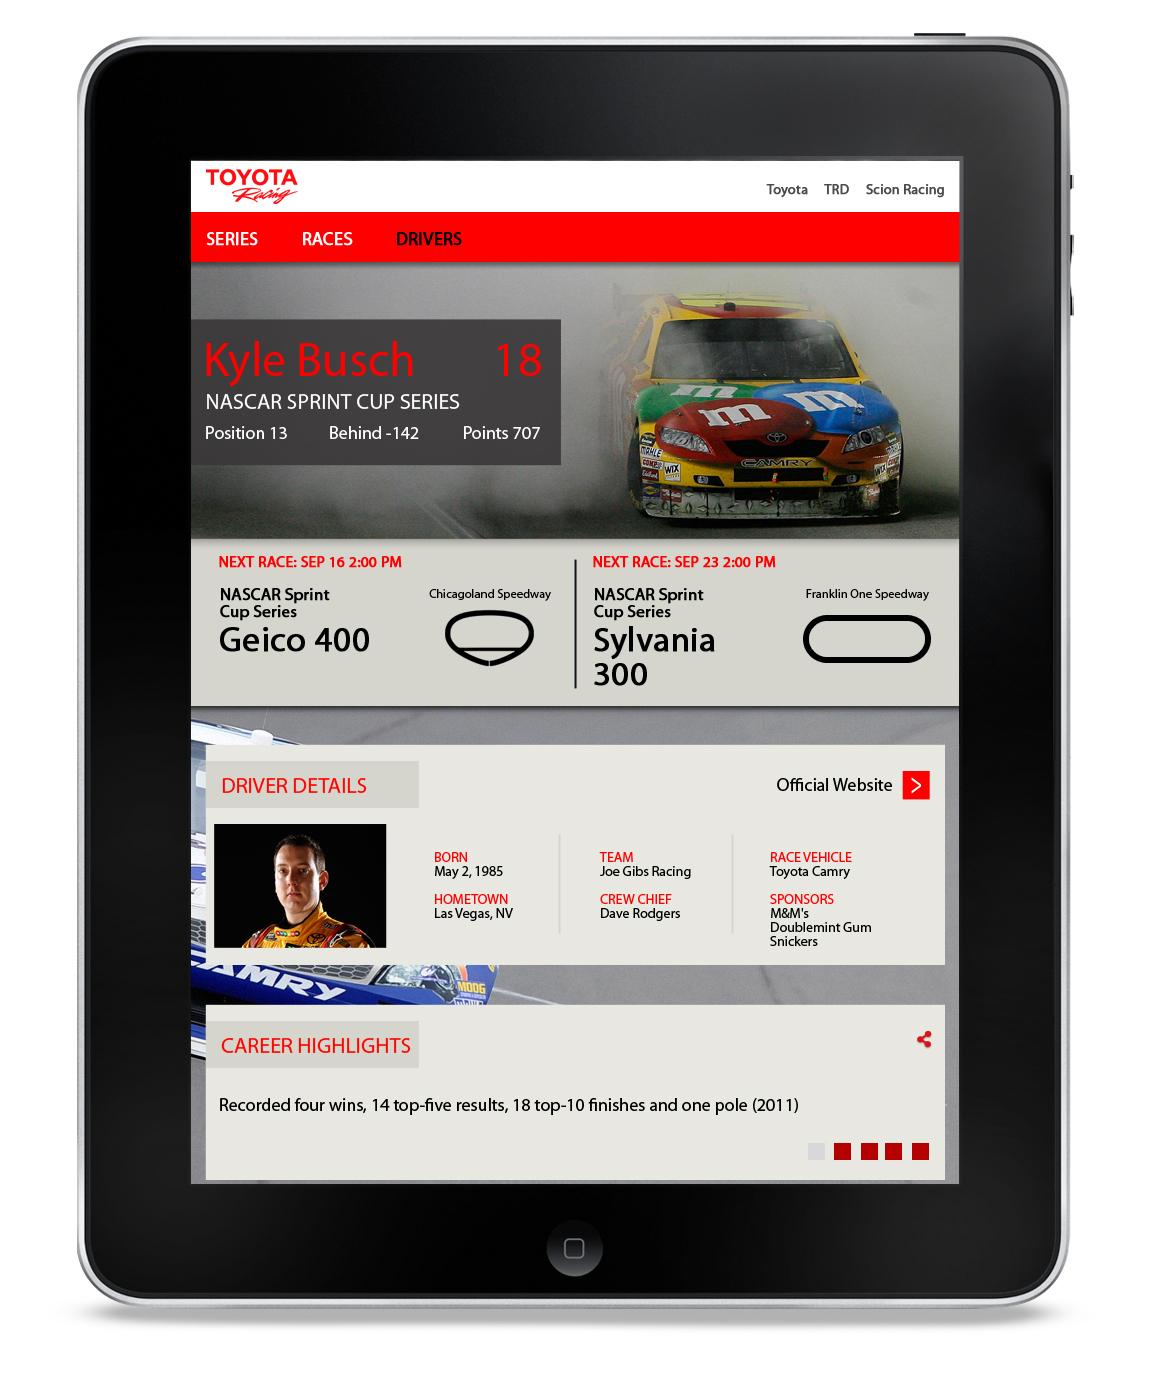 redesign  racing interactive UI